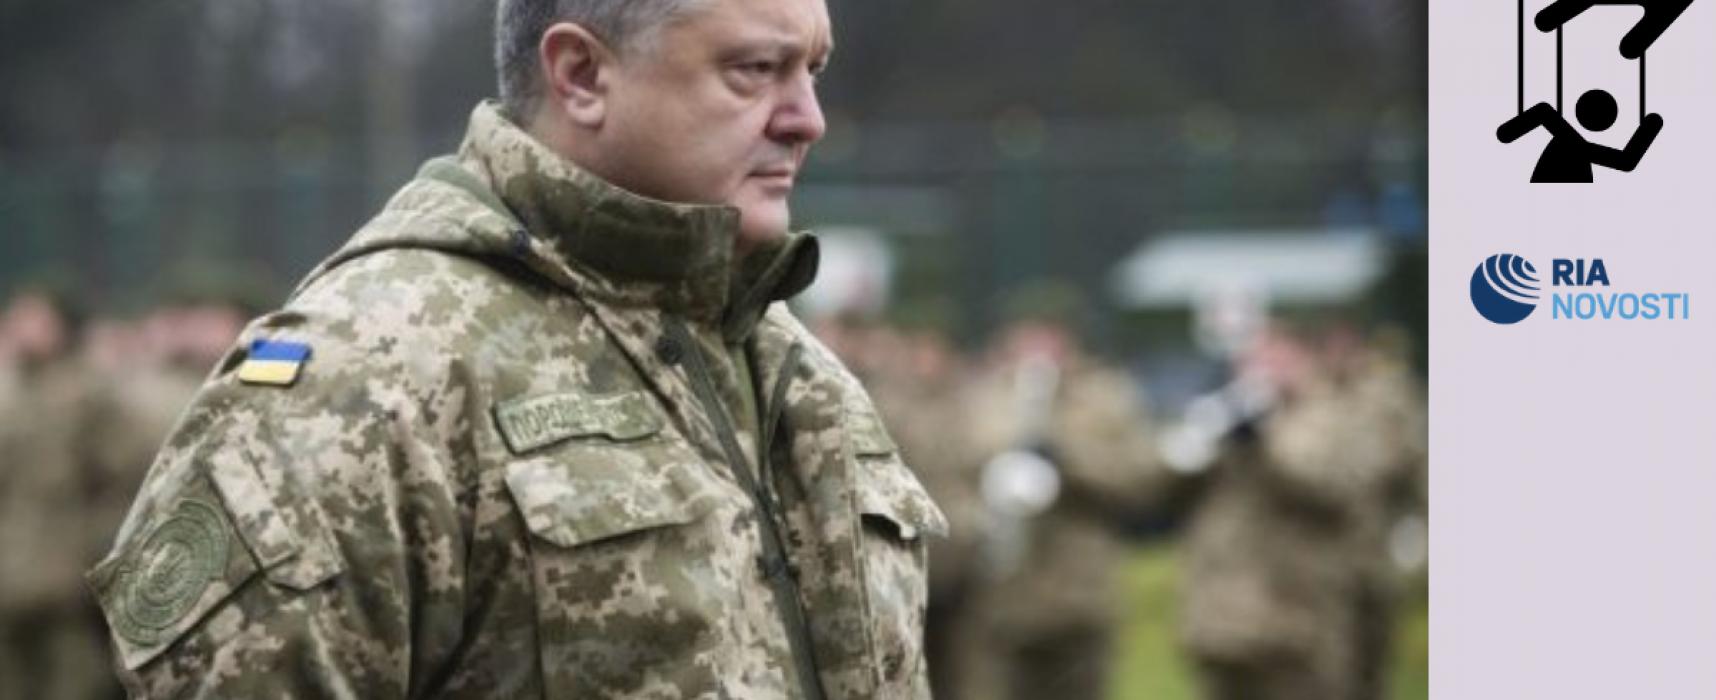 Манипуляция: Порошенко приказал открывать огонь на Донбассе